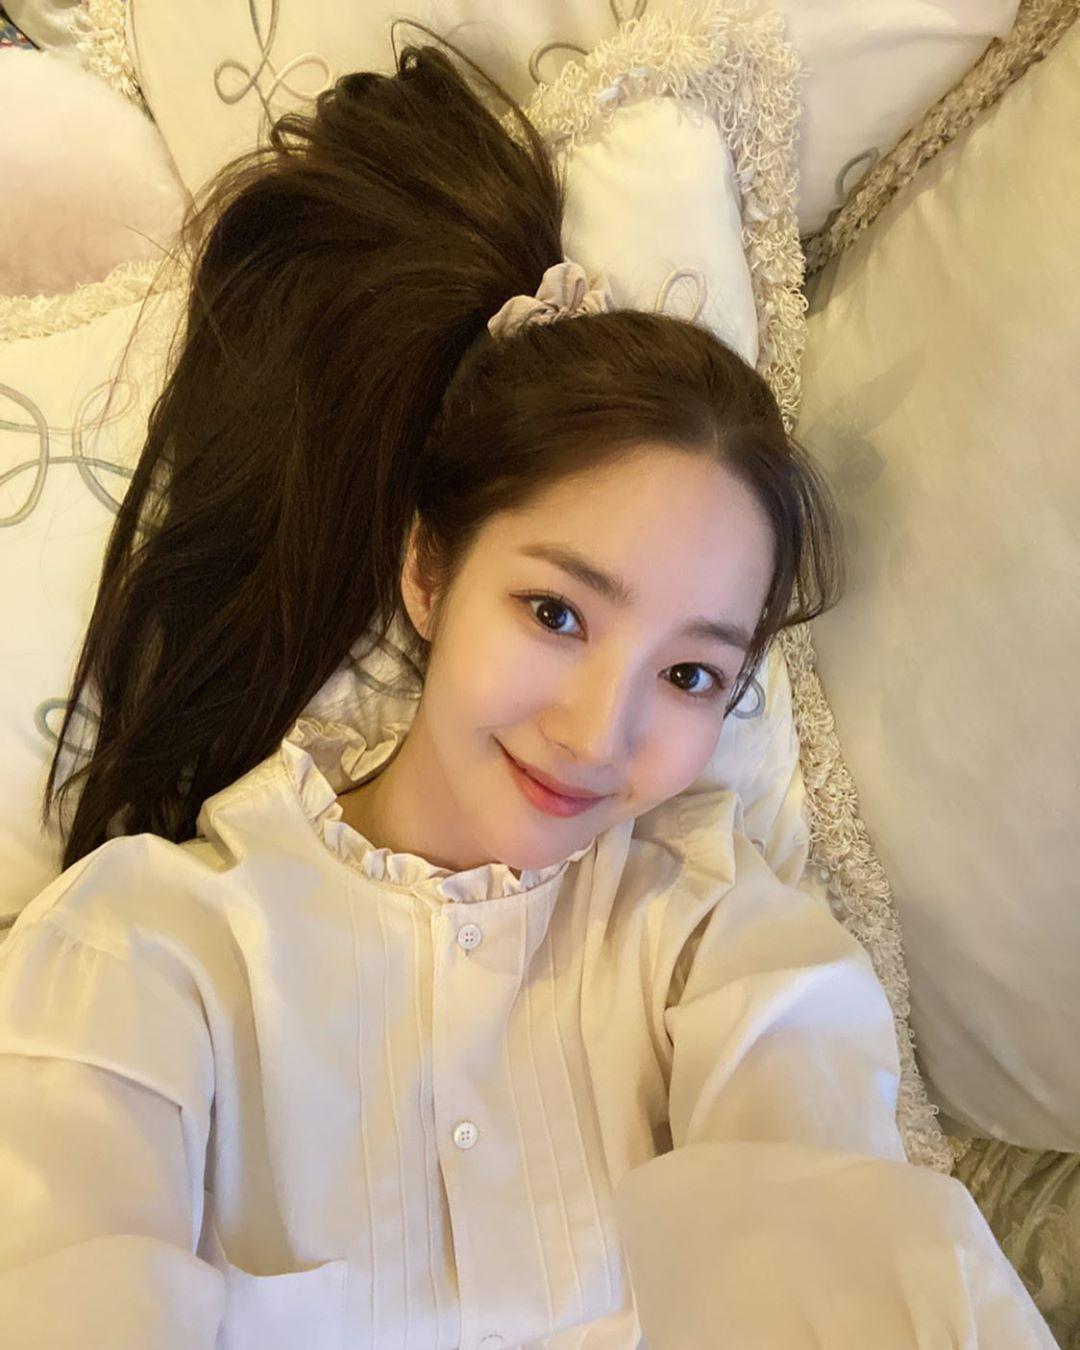 韩国网友票选《有史以来最美韩国女演员》,全智贤居然没进前10名!插图3